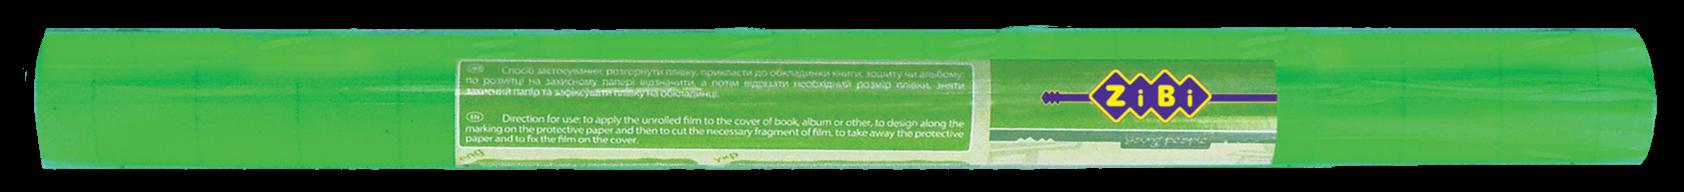 Пленка самоклеящаяся для учебников Zibi KIDS Line Bloom, неон зеленый